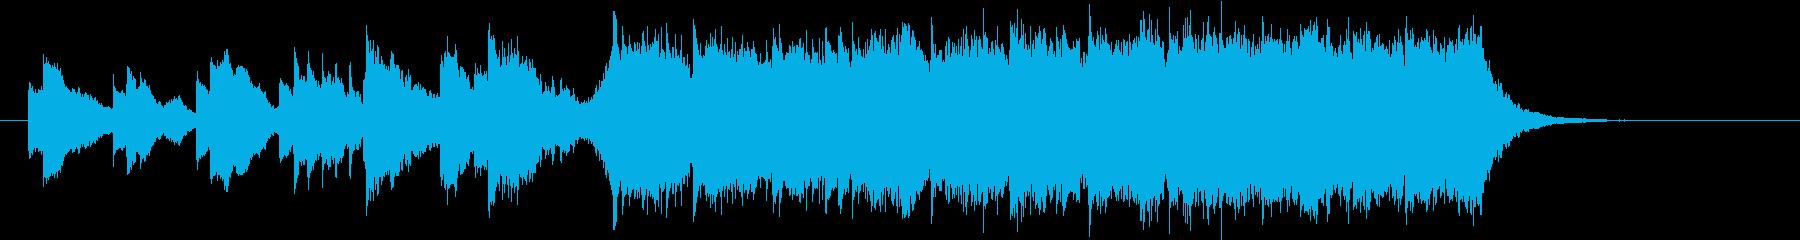 シャンプーのCMに使える爽やかで上質な曲の再生済みの波形